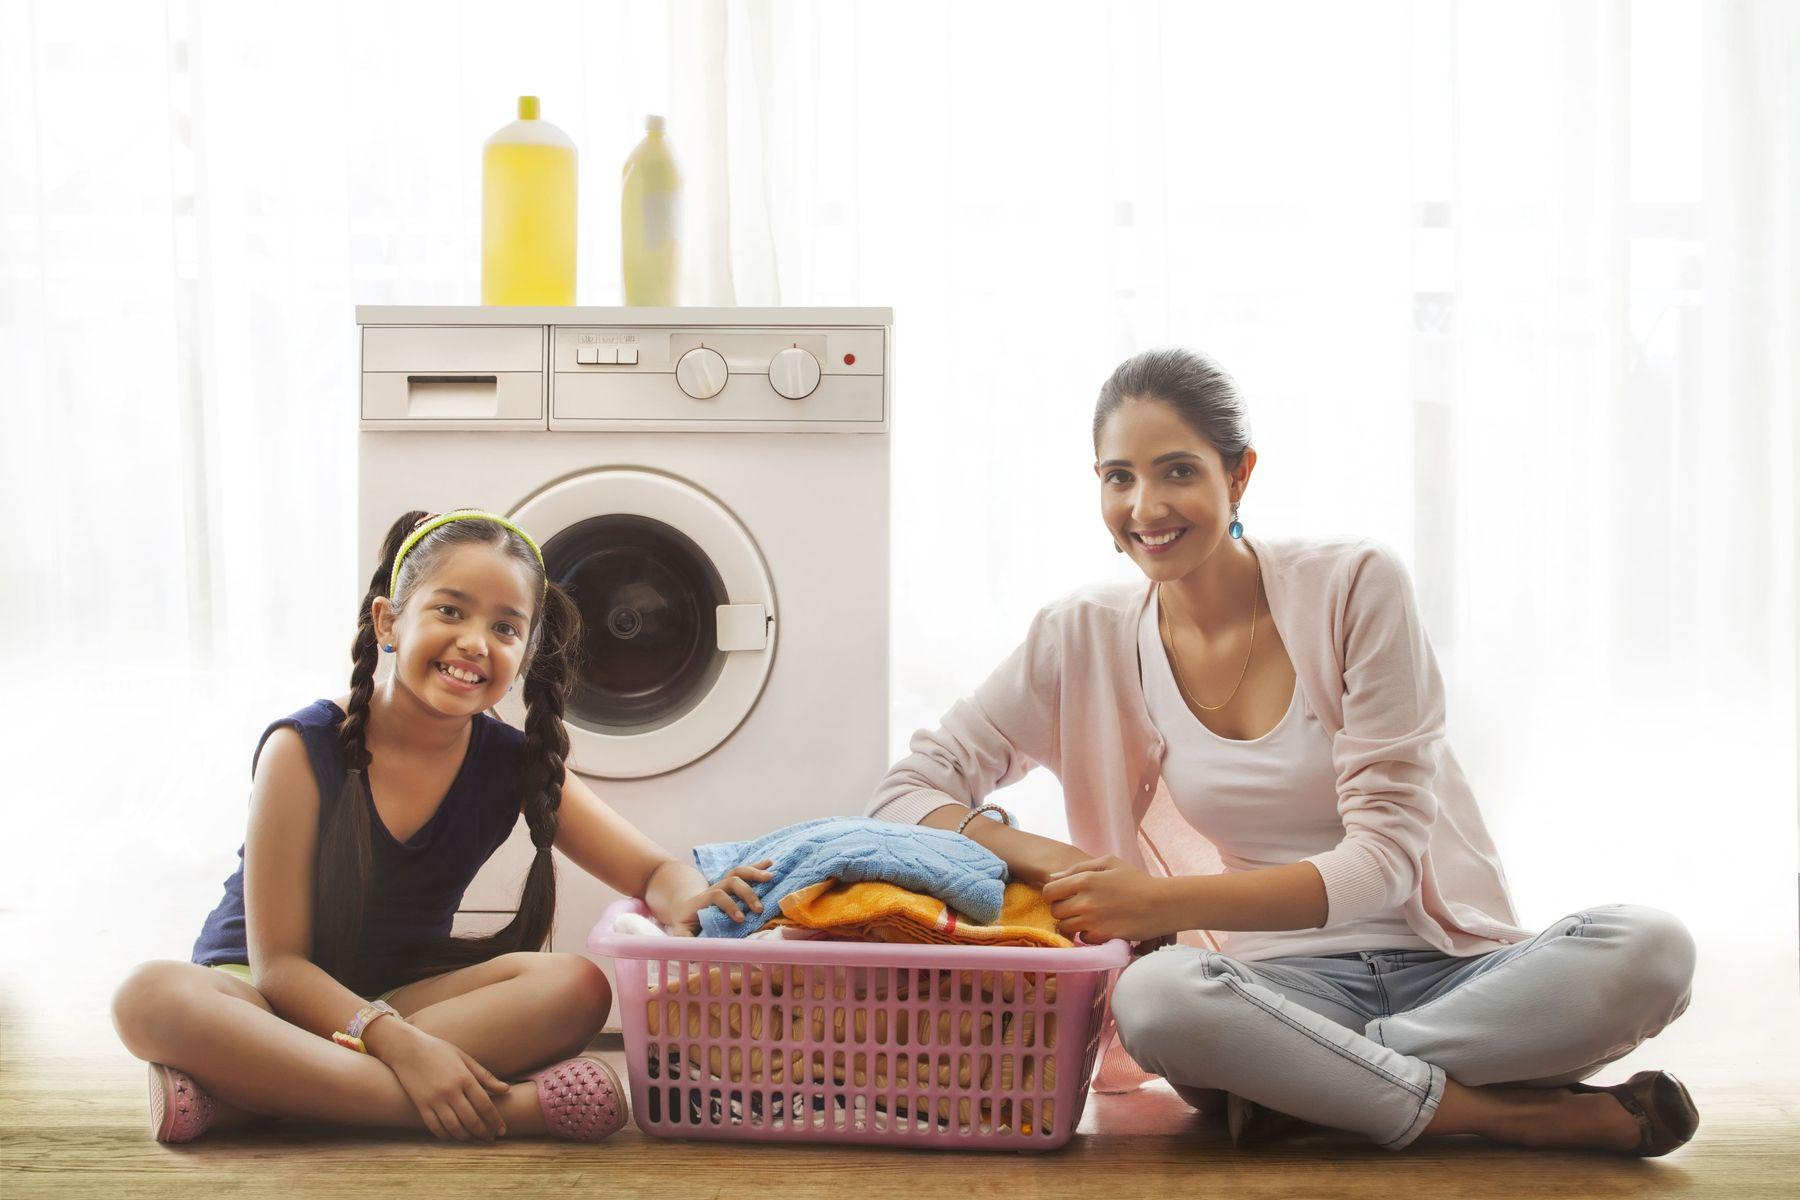 Có nên sử dụng máy sấy để làm khô quần áo nhanh?